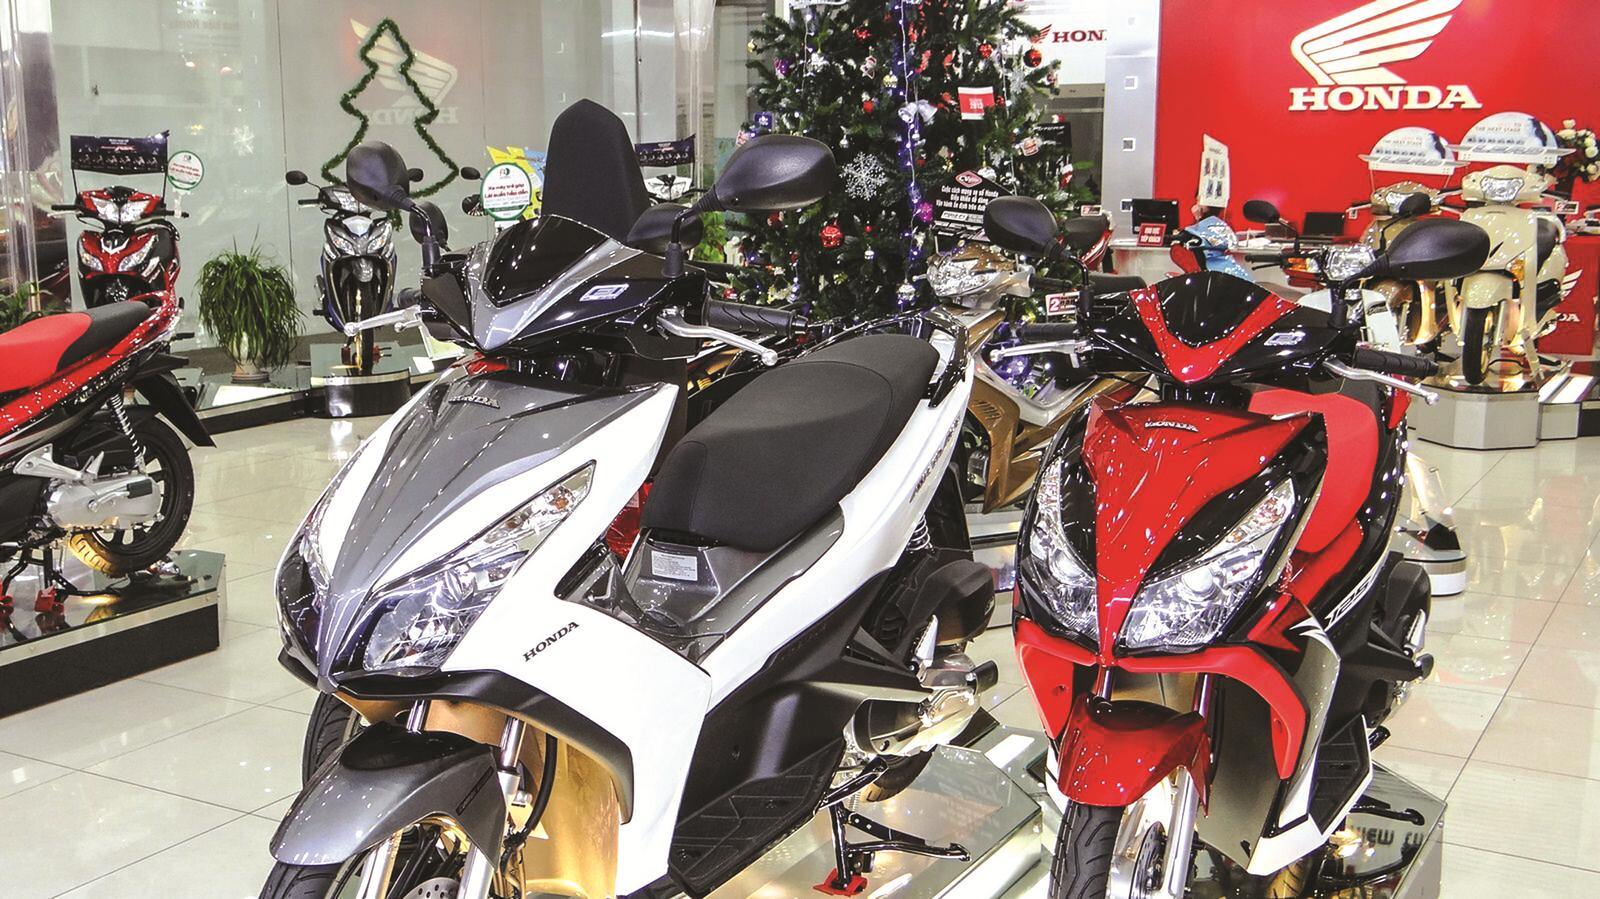 Cuối năm thị trường xe máy sôi động